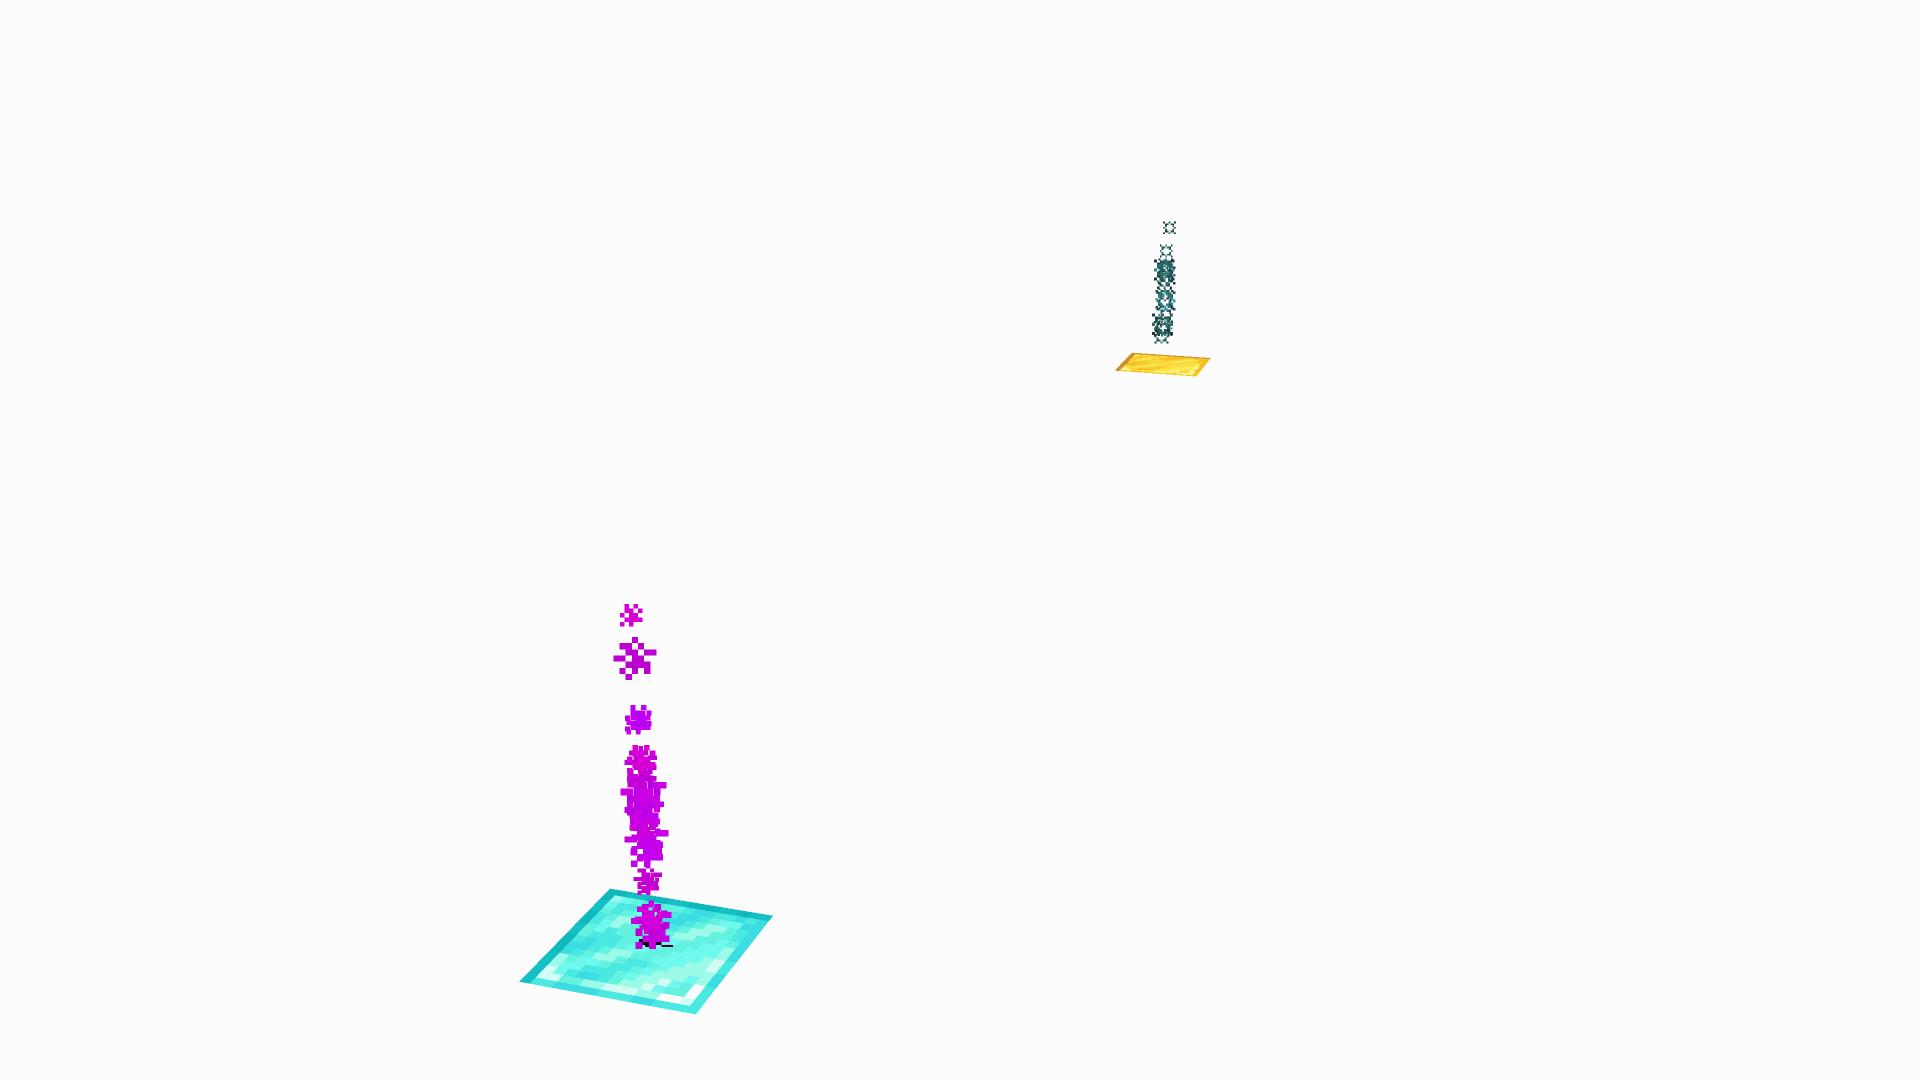 Questa è TeleportStations, la mia più grande creazione. Permette ai giocatori di risparmiare moltissimo tempo teletrasportandosi da una stazione di teletrasporto all'altra, dalla miniera a casa propria. Comoda anche per i diamanti in Minecraft, no?